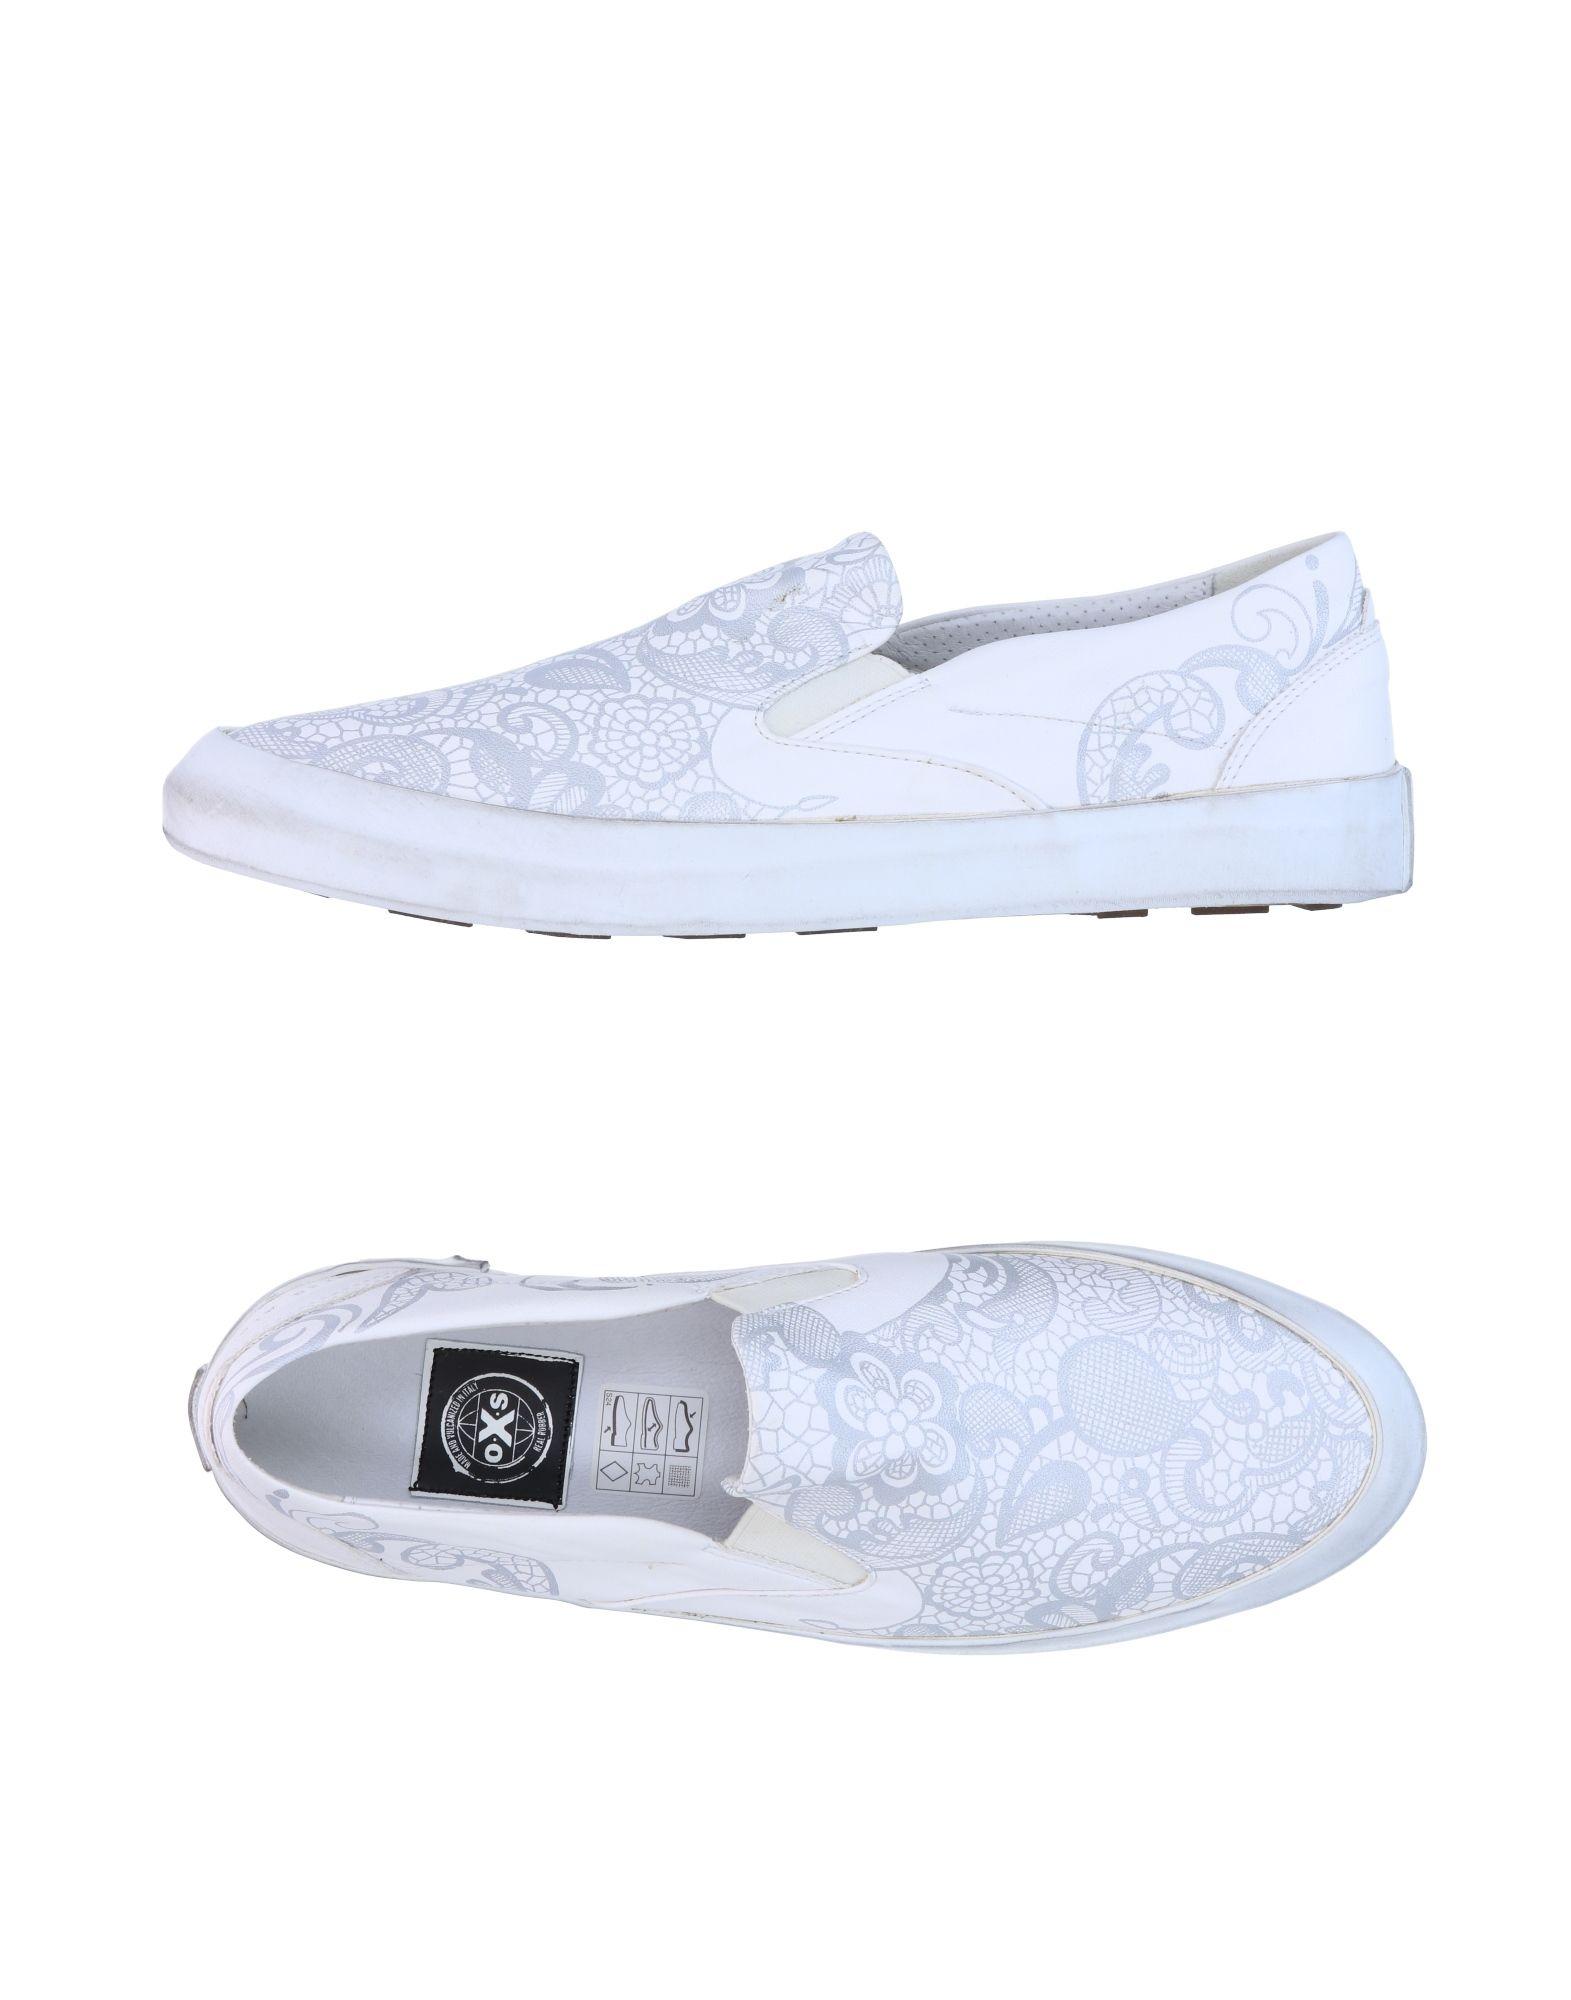 ФОТО o.x.s. низкие кеды и кроссовки